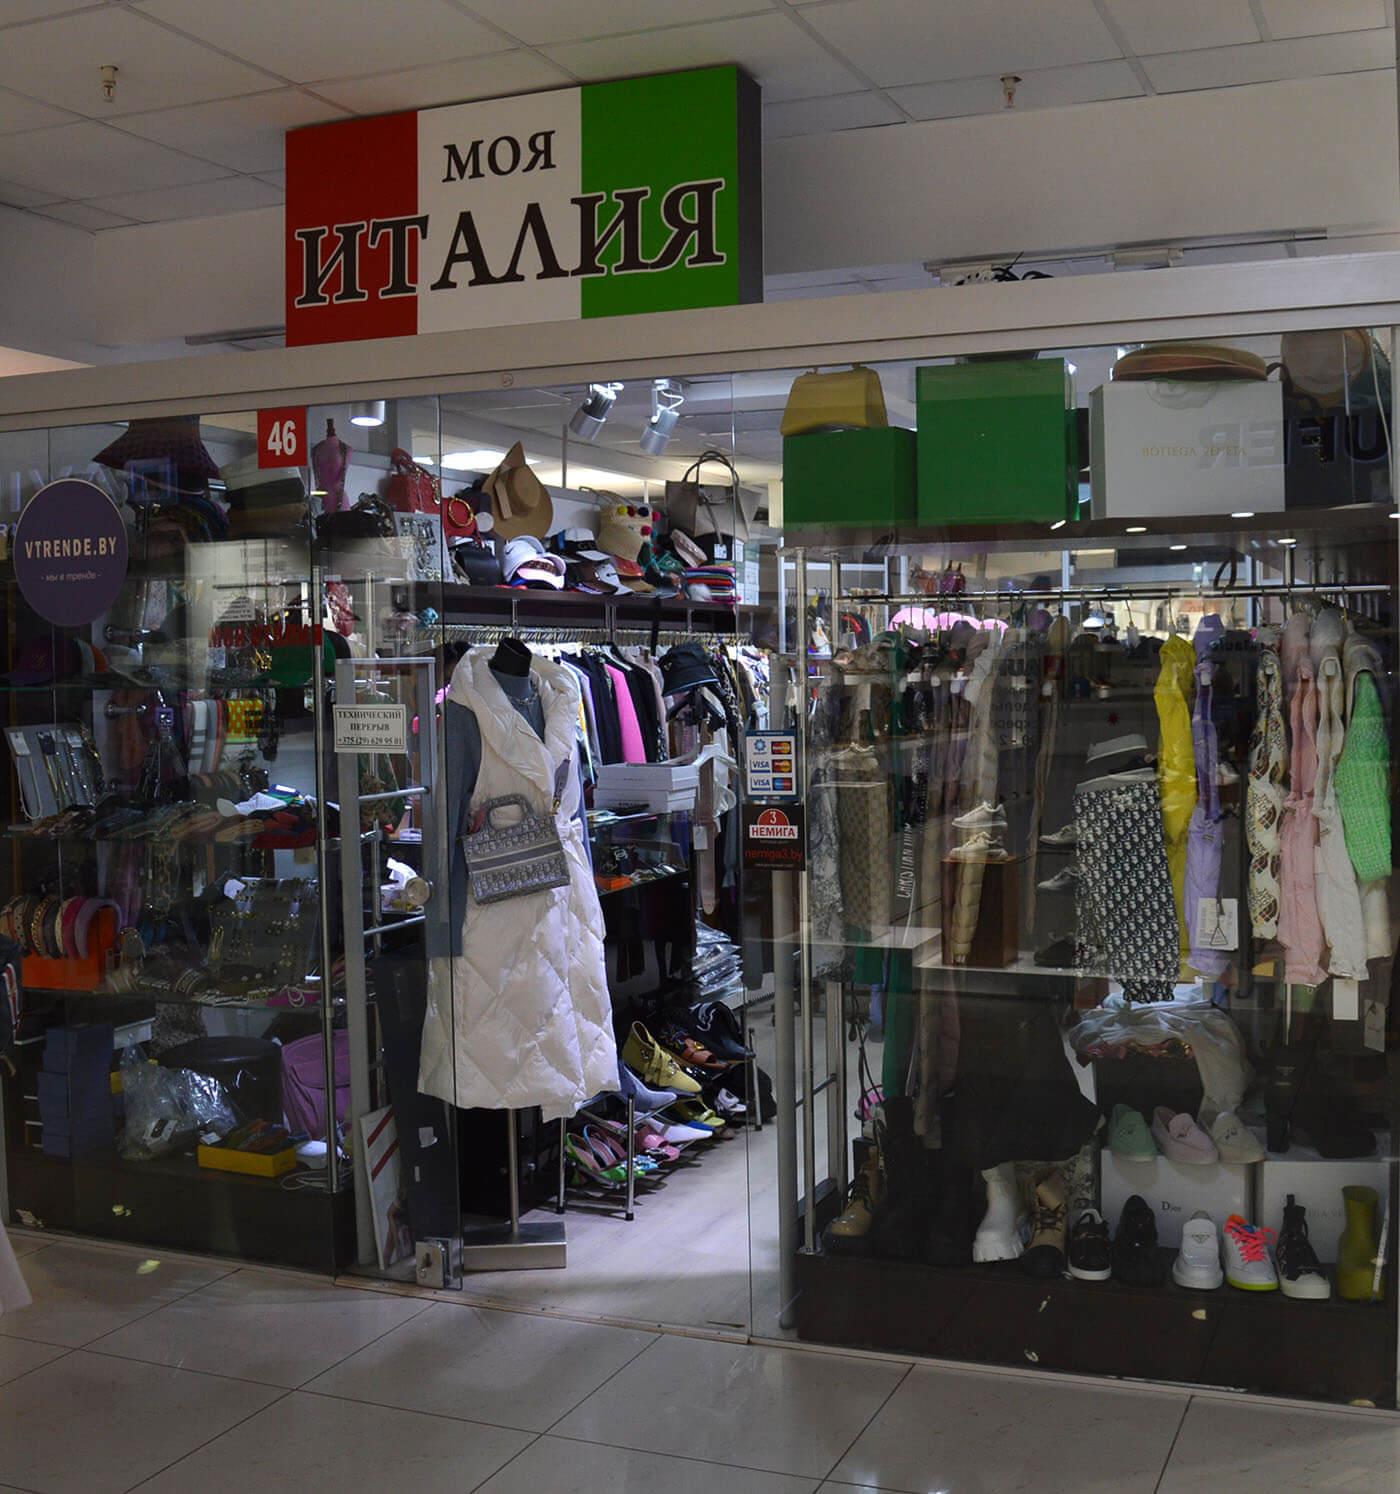 Моя Италия - бутик  женской одежды, сумок и аксессуаров, обуви на 1-м таже в павильоне №46